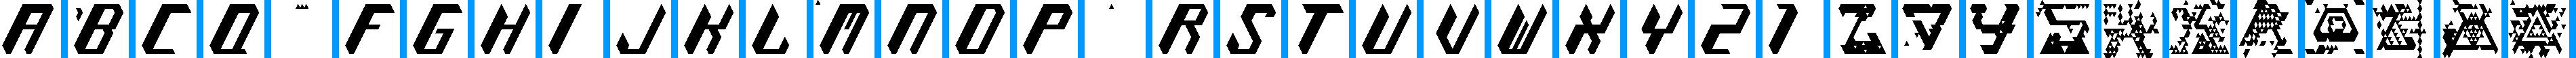 Particip-a-type v.251